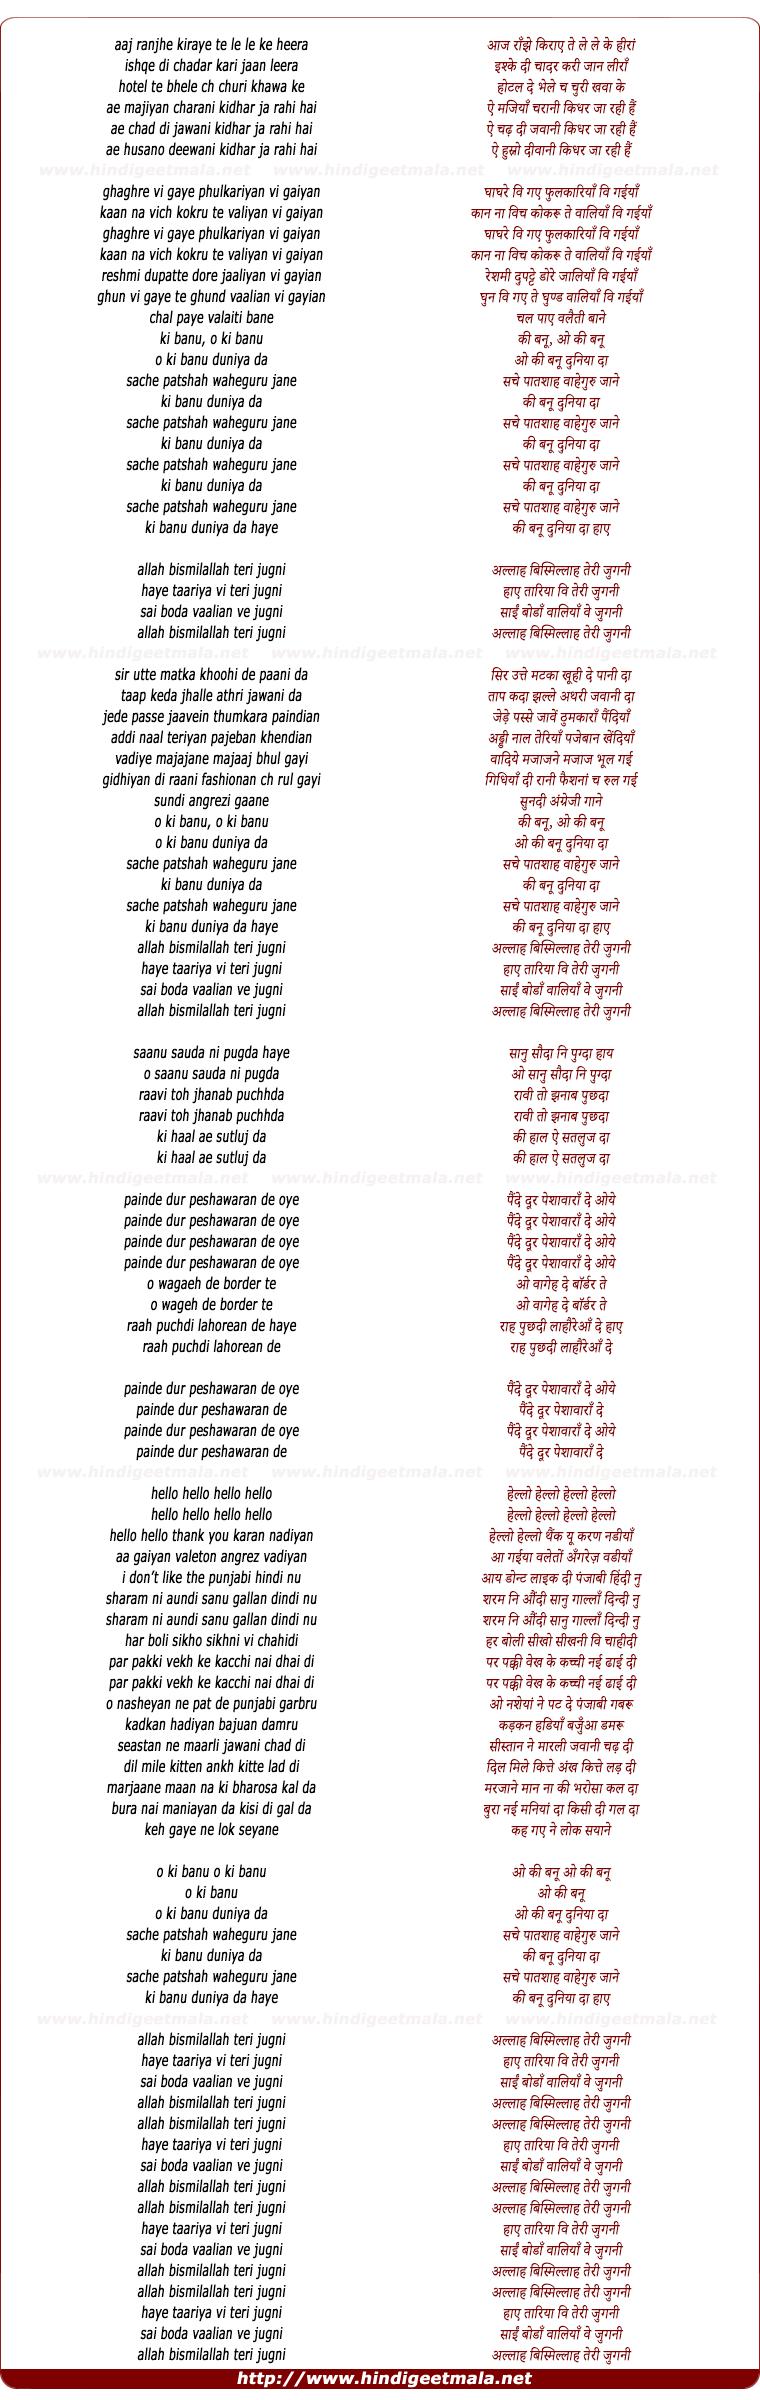 lyrics of song Ki Banu Duniya Da